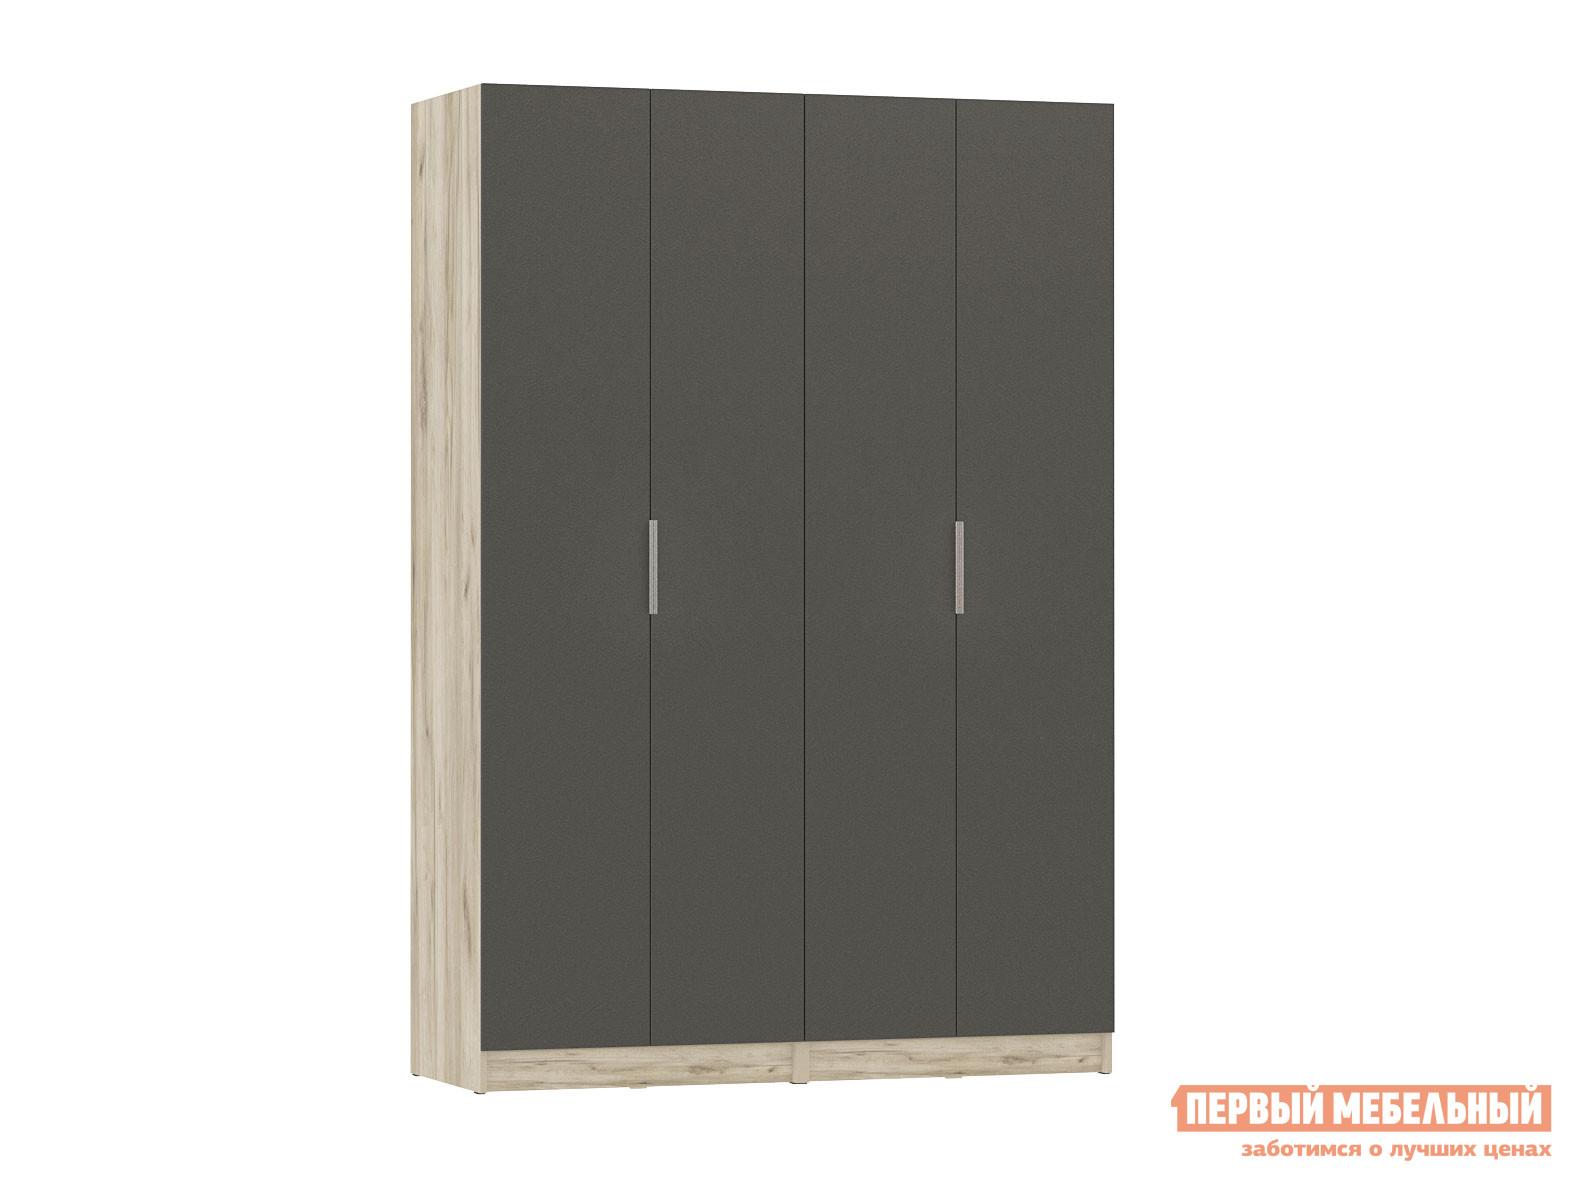 Распашной шкаф НК-Мебель Распашной шкаф Венеция 1600